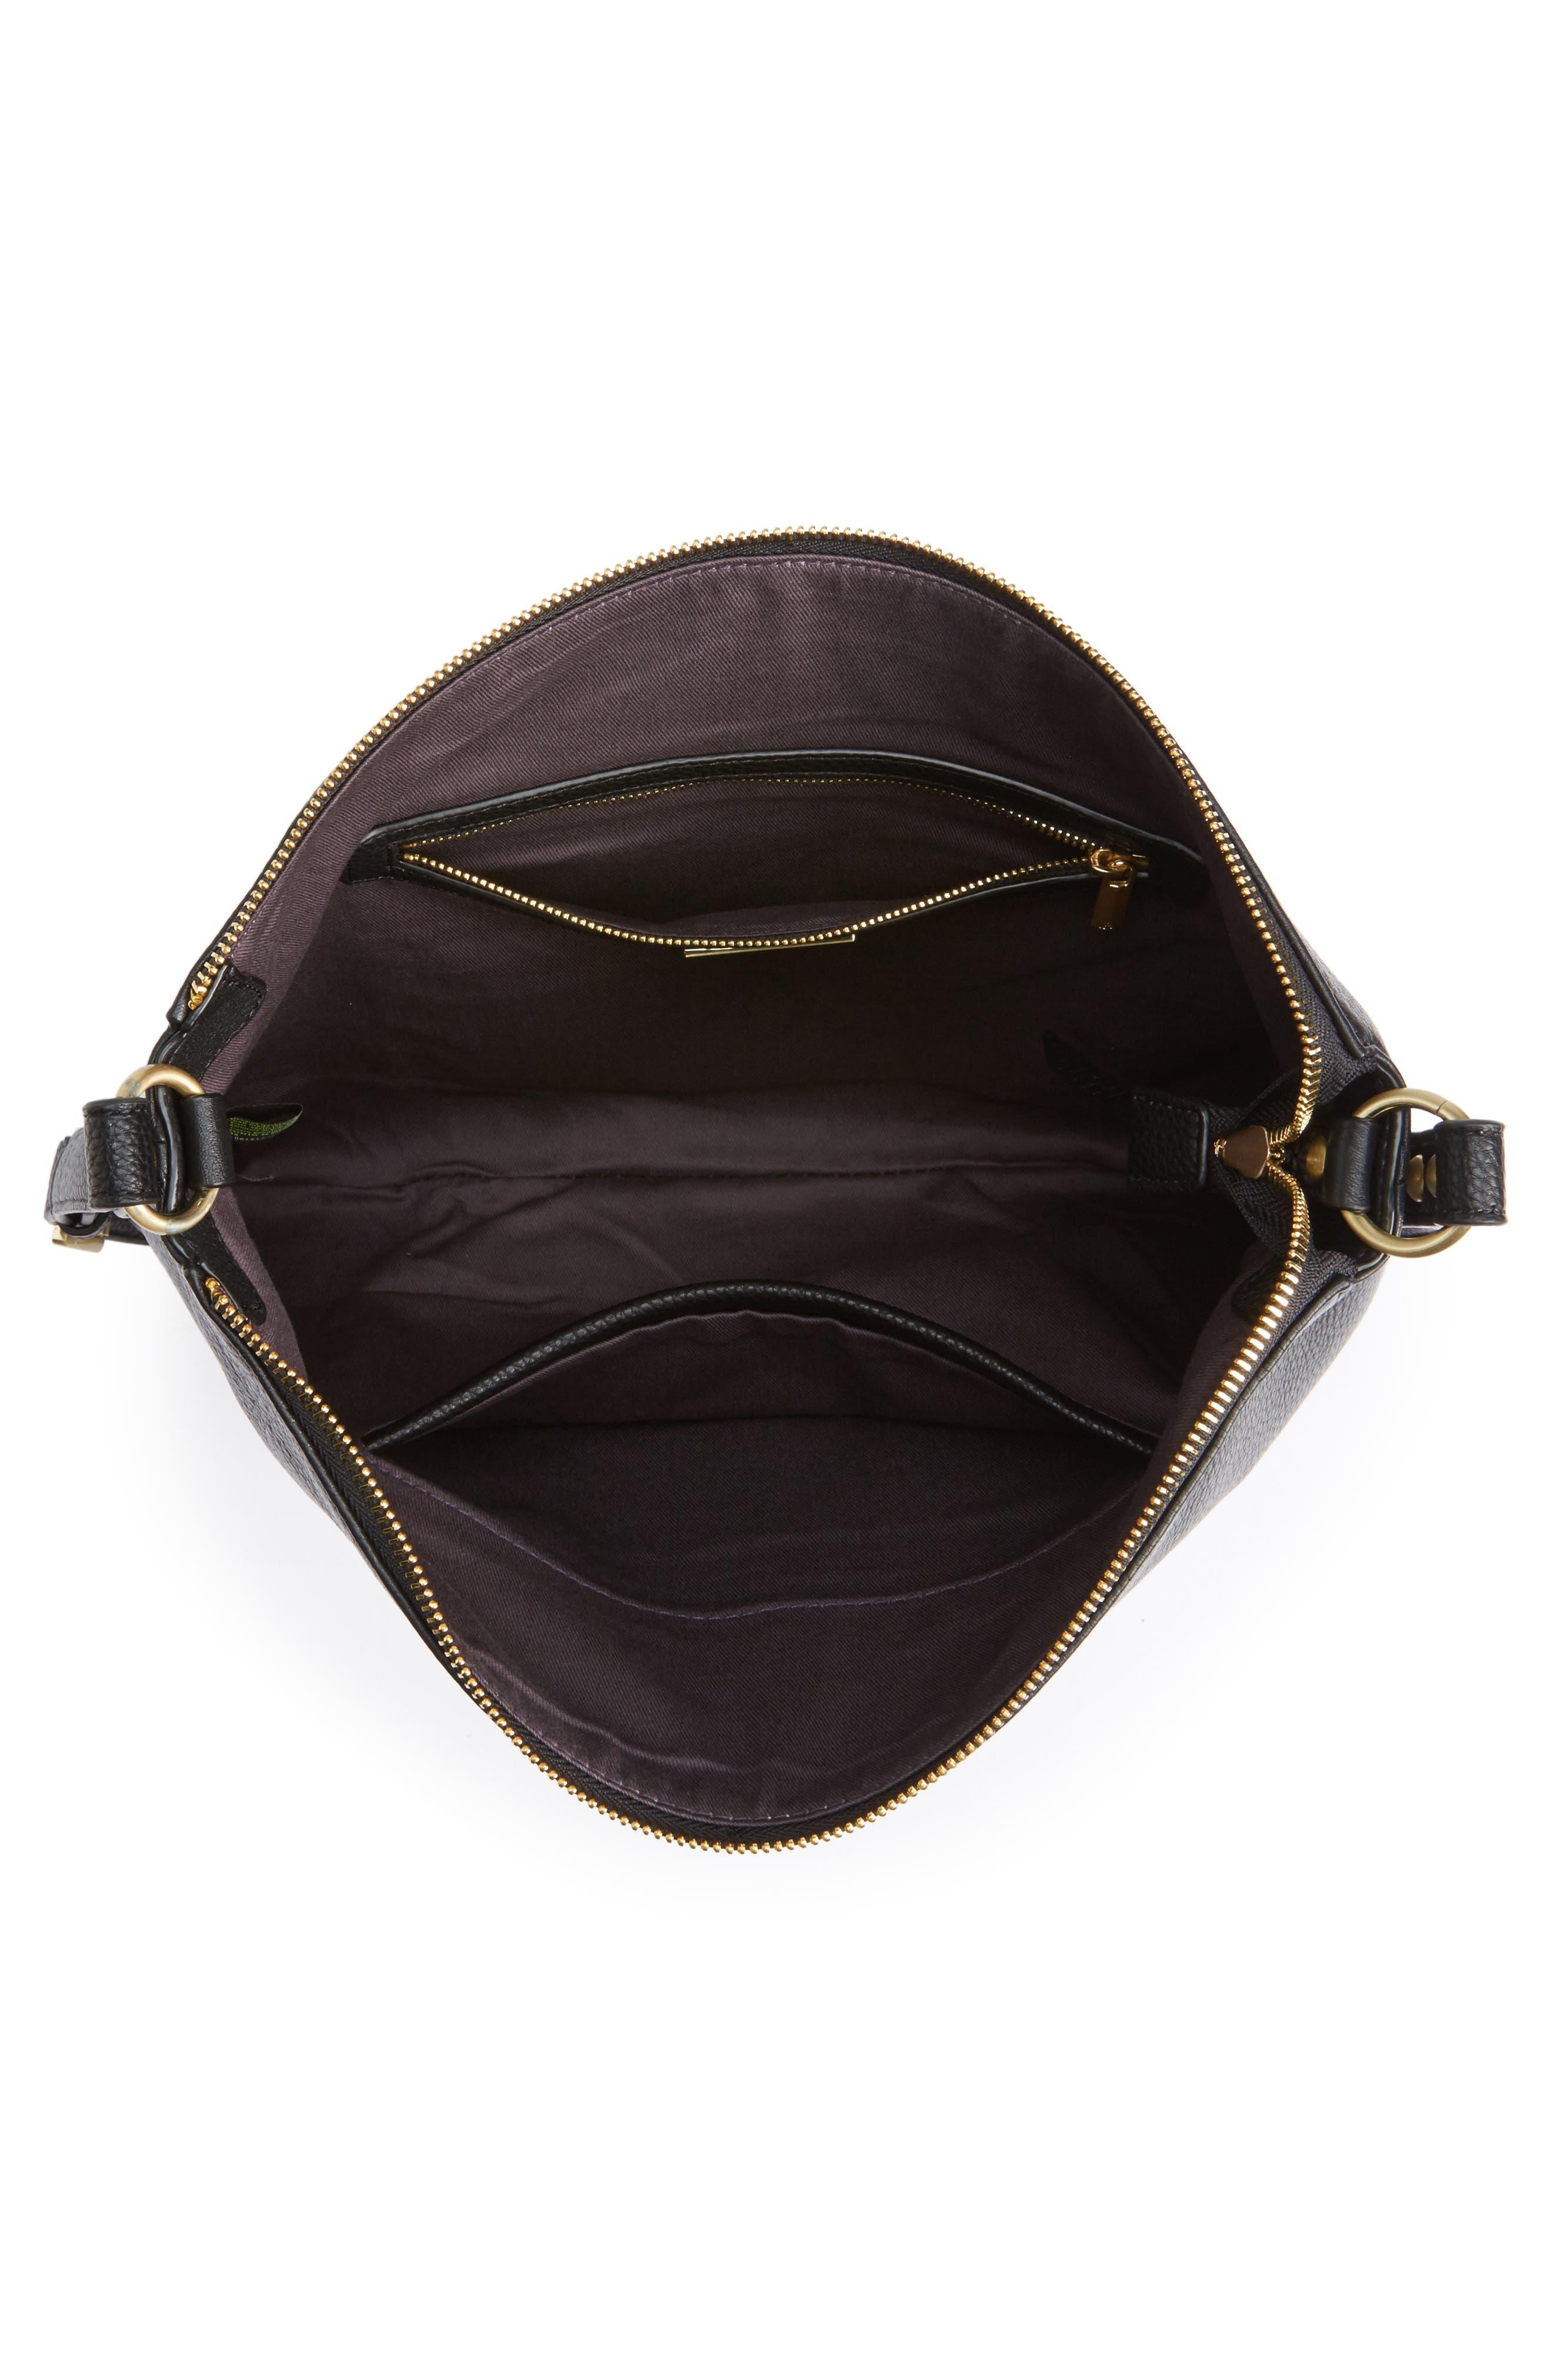 Raelyn Leather Shoulder Bag,                             Alternate thumbnail 4, color,                             001